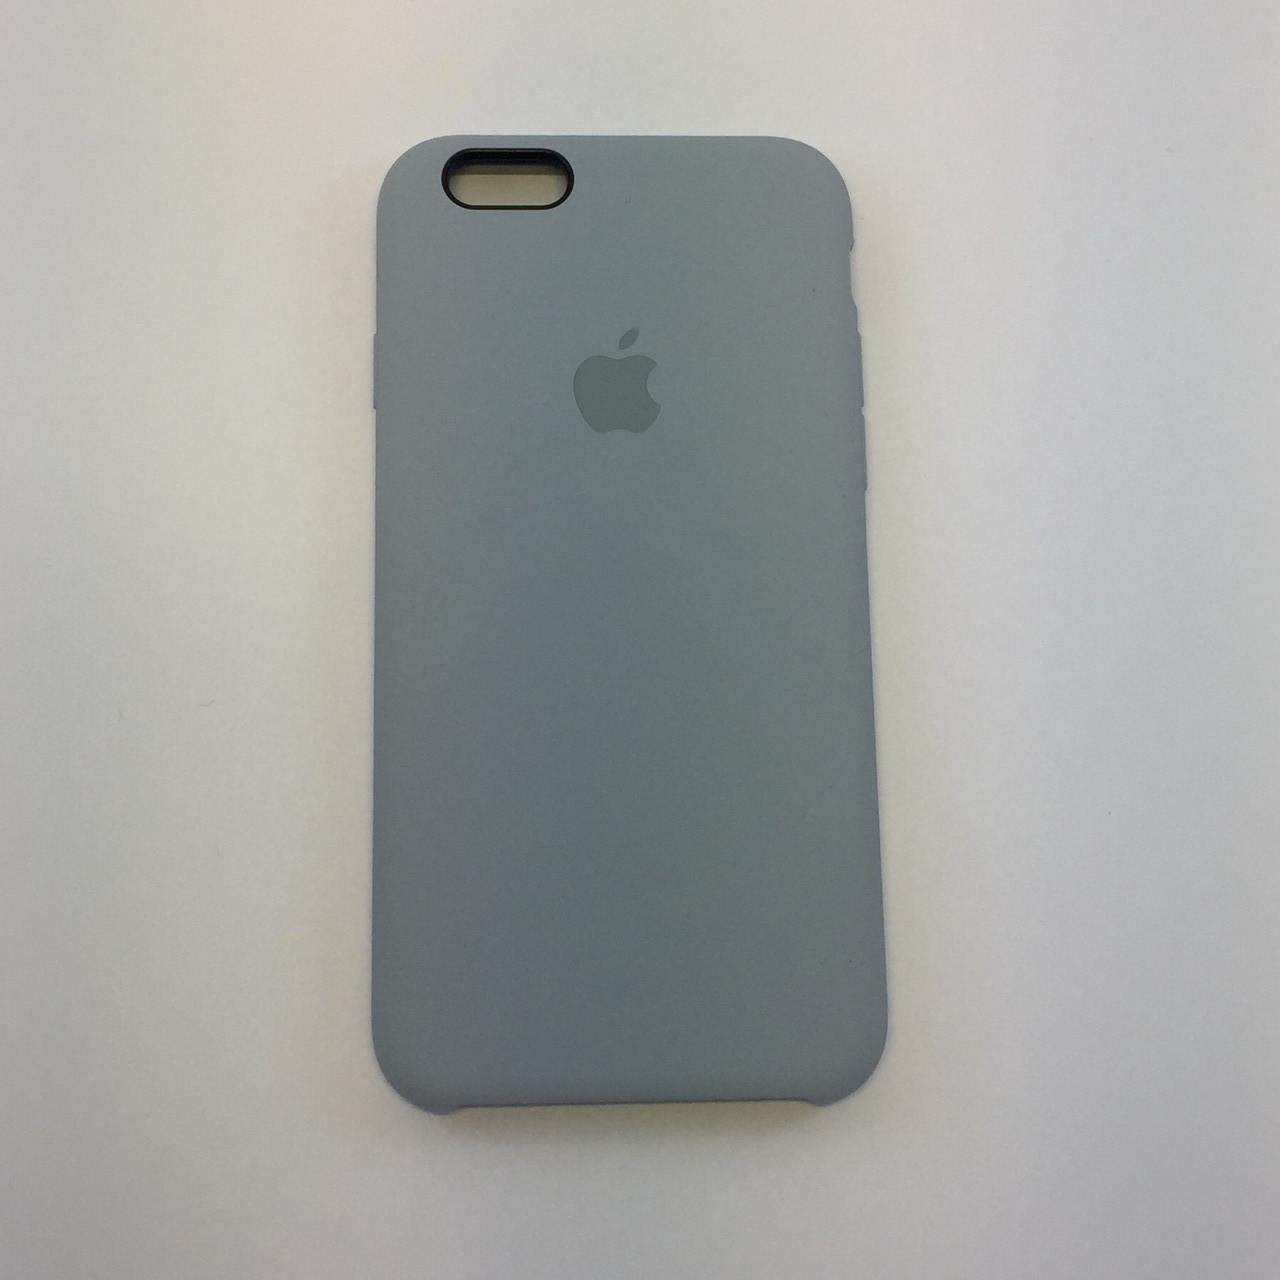 Силиконовый чехол для iPhone 6/6s, - «облако» - copy original